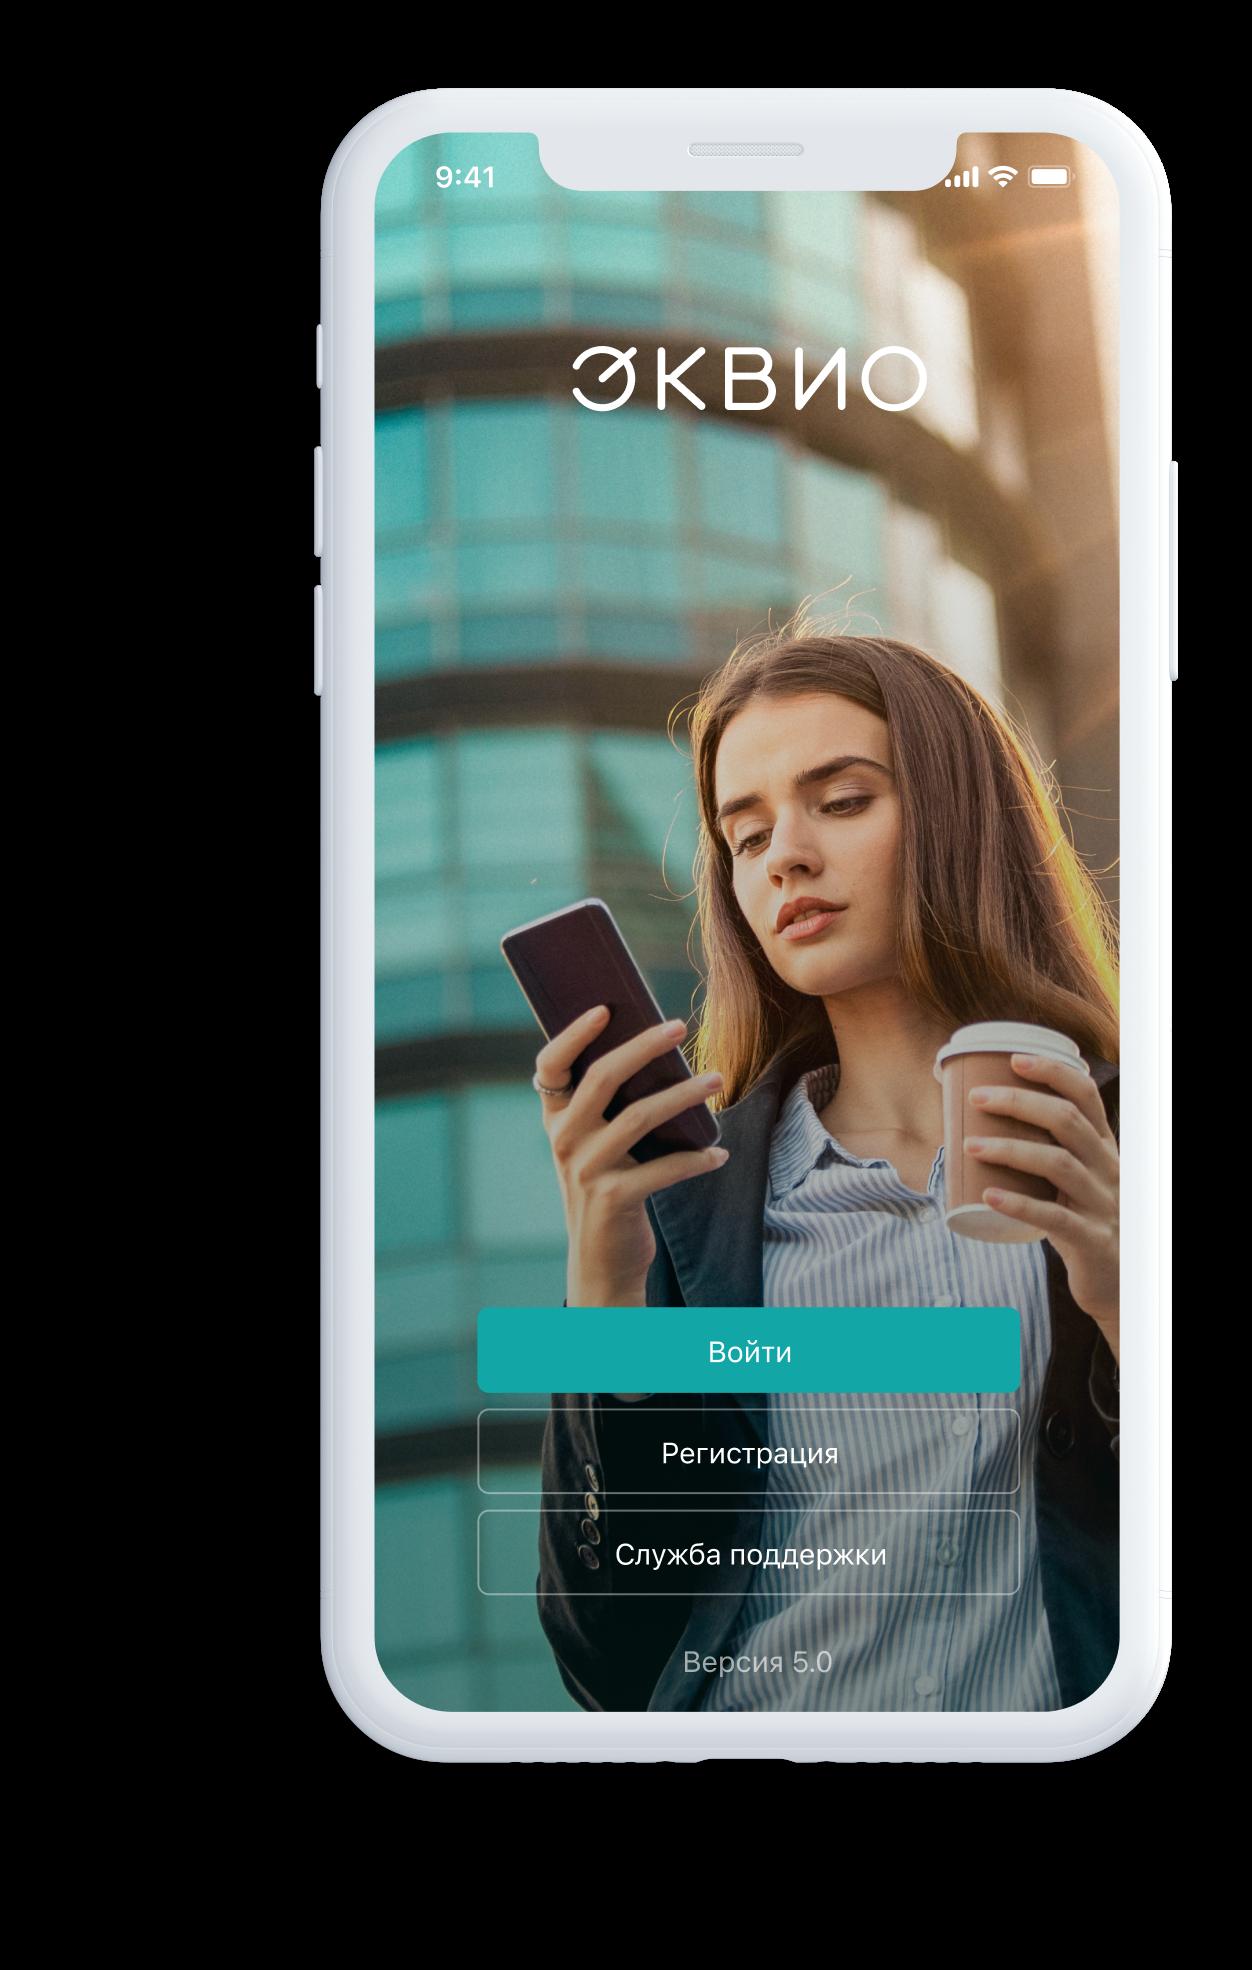 Авторизация в мобильной версии программного обеспечения Эквио